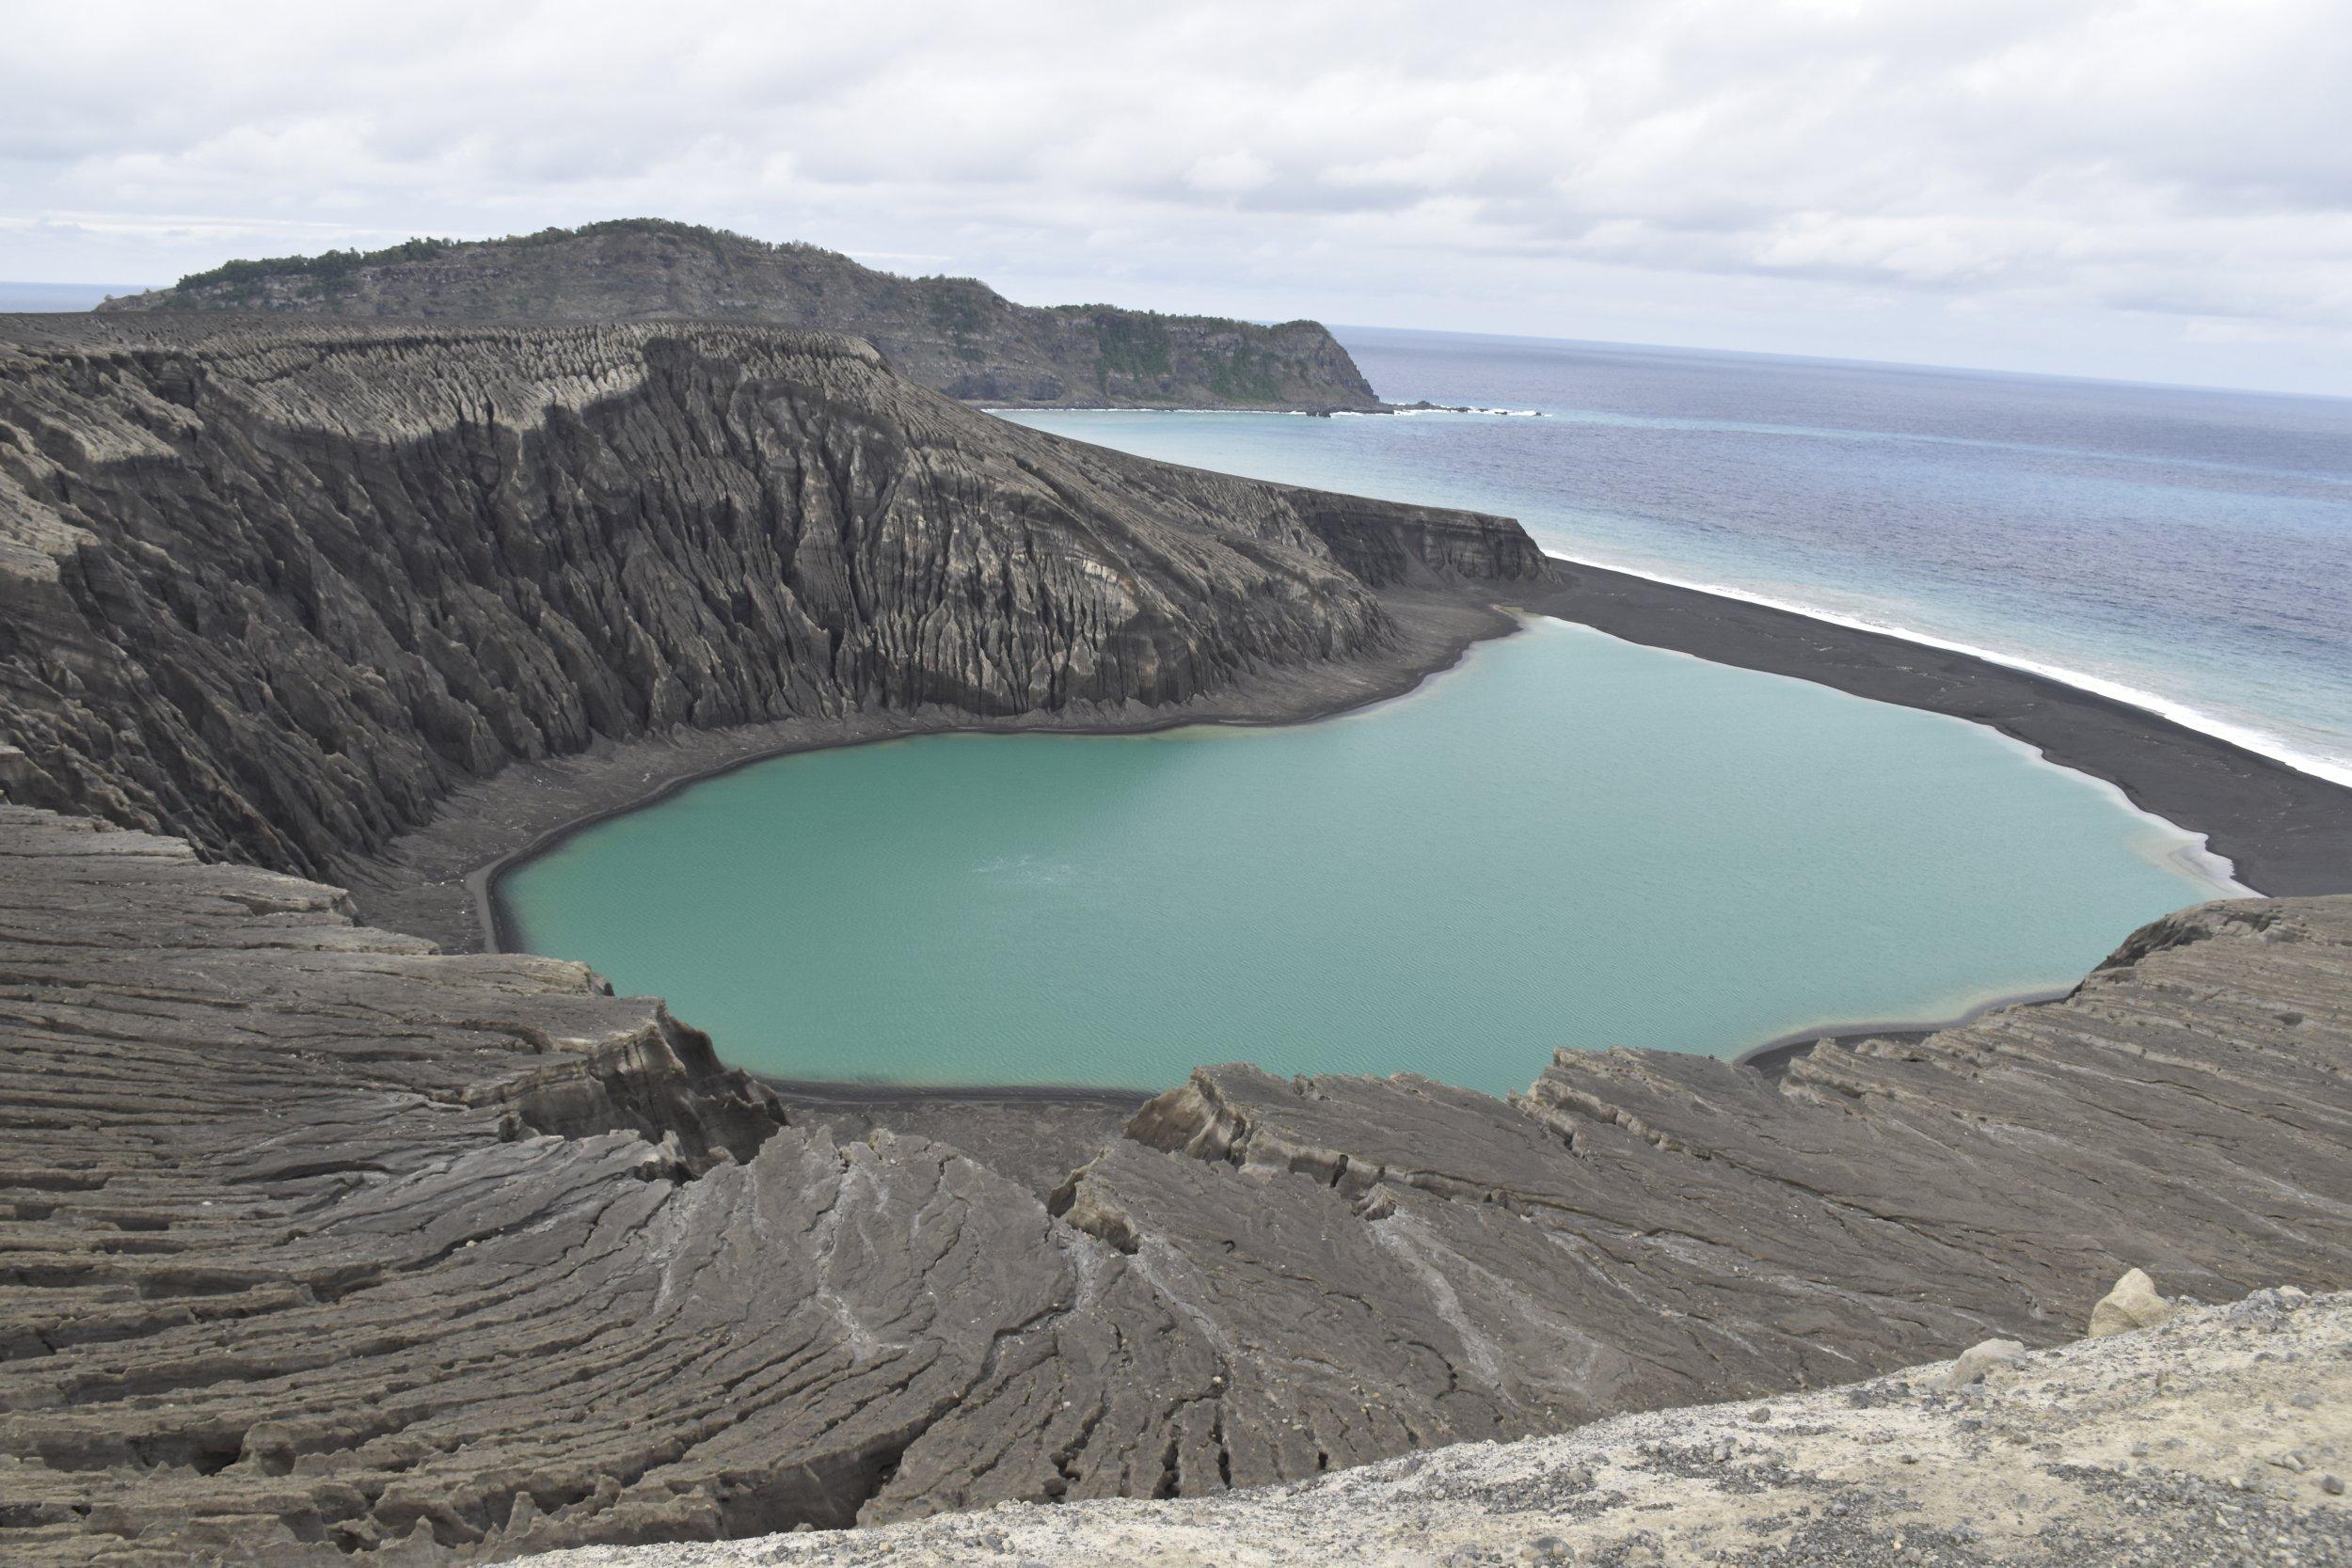 Hunga Tonga: New Volcanic Pacific Island Gives NASA a ...